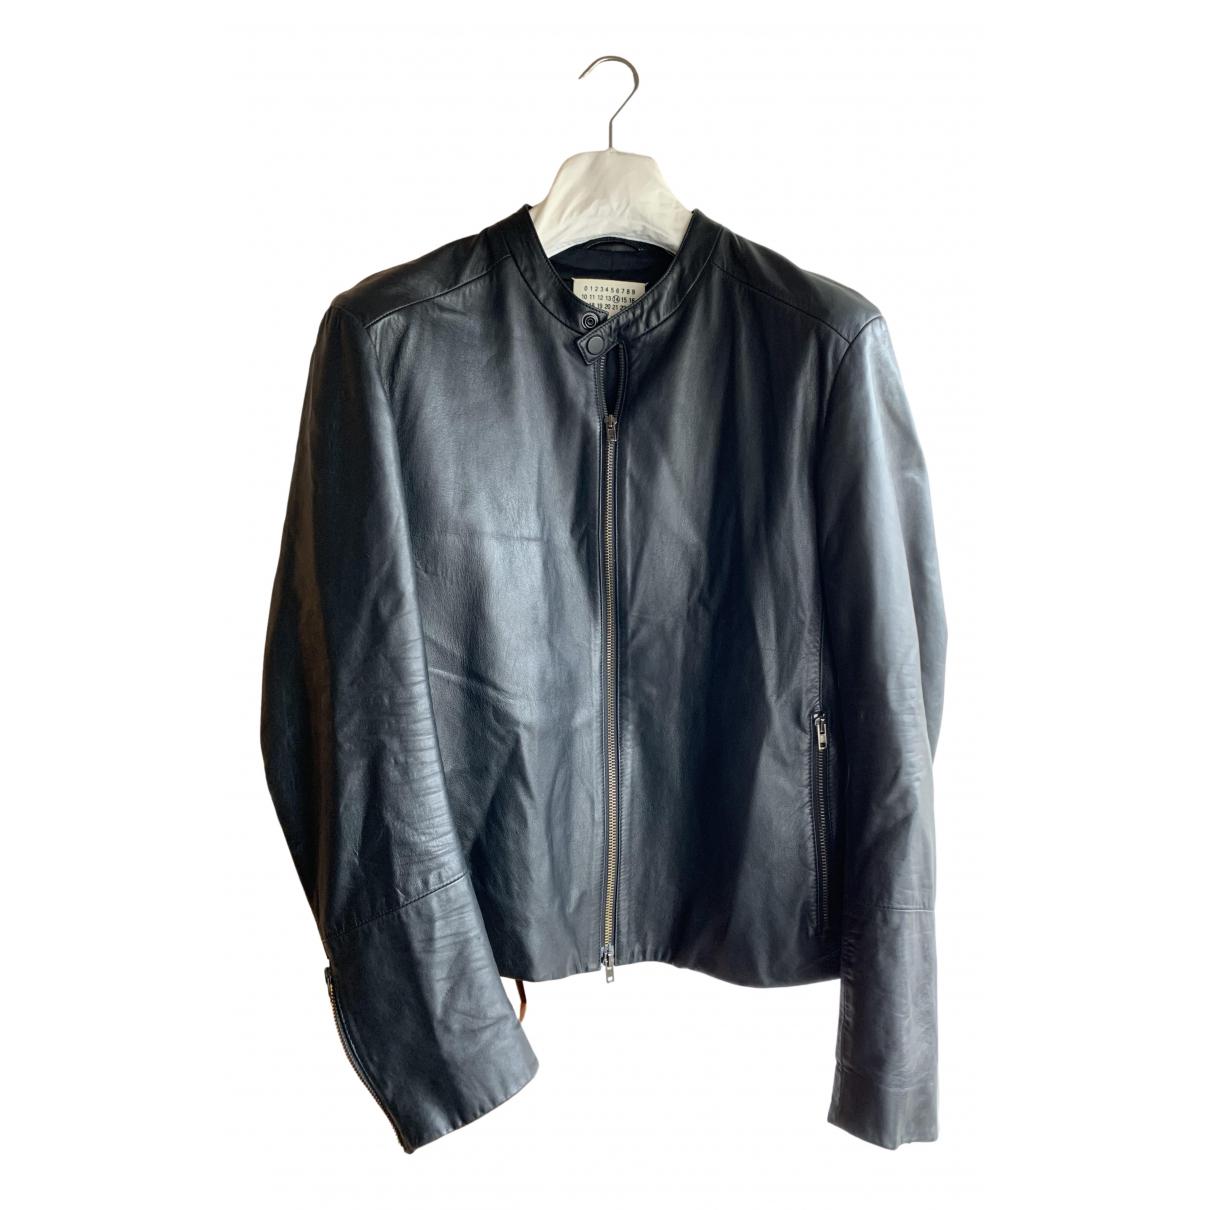 Maison Martin Margiela N Black Leather coat  for Men M International